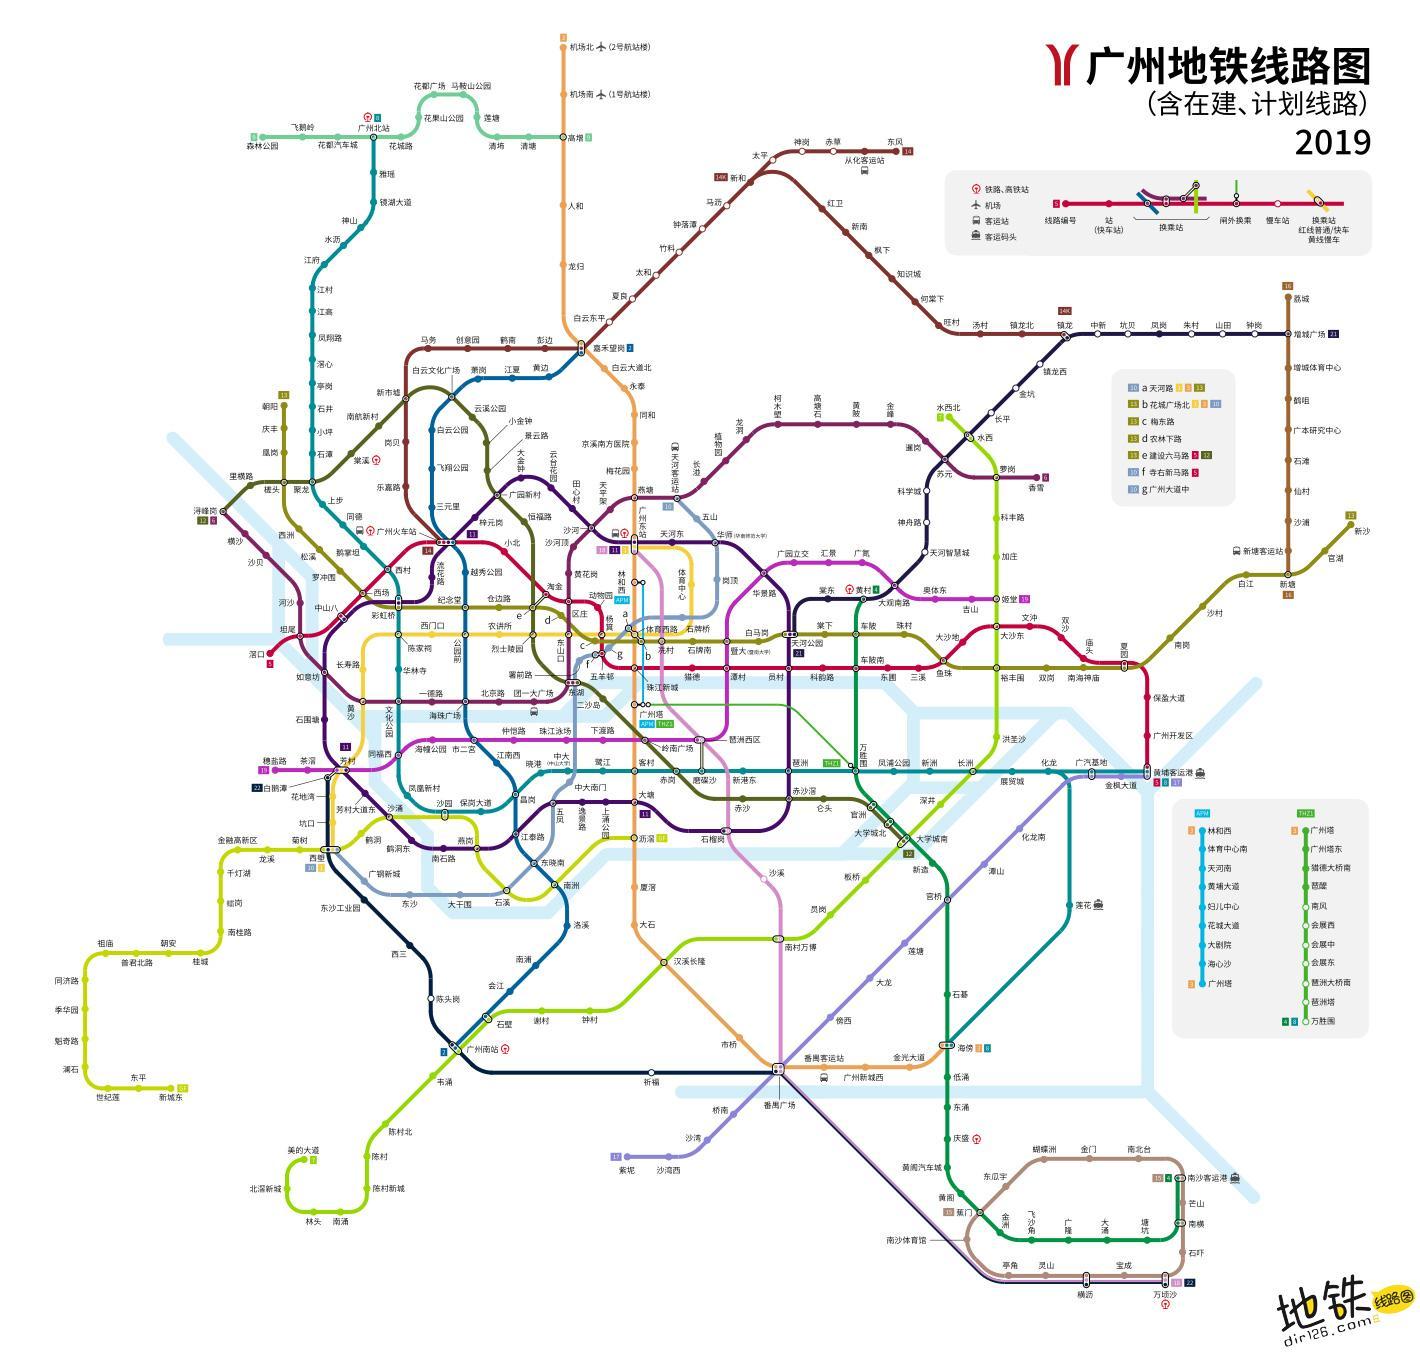 广州地铁线路图 运营时间票价站点 查询下载 广州地铁线路查询 广州地铁线路图 广州地铁票价 广州地铁运营时间 广州地铁 广州地铁线路图  第4张